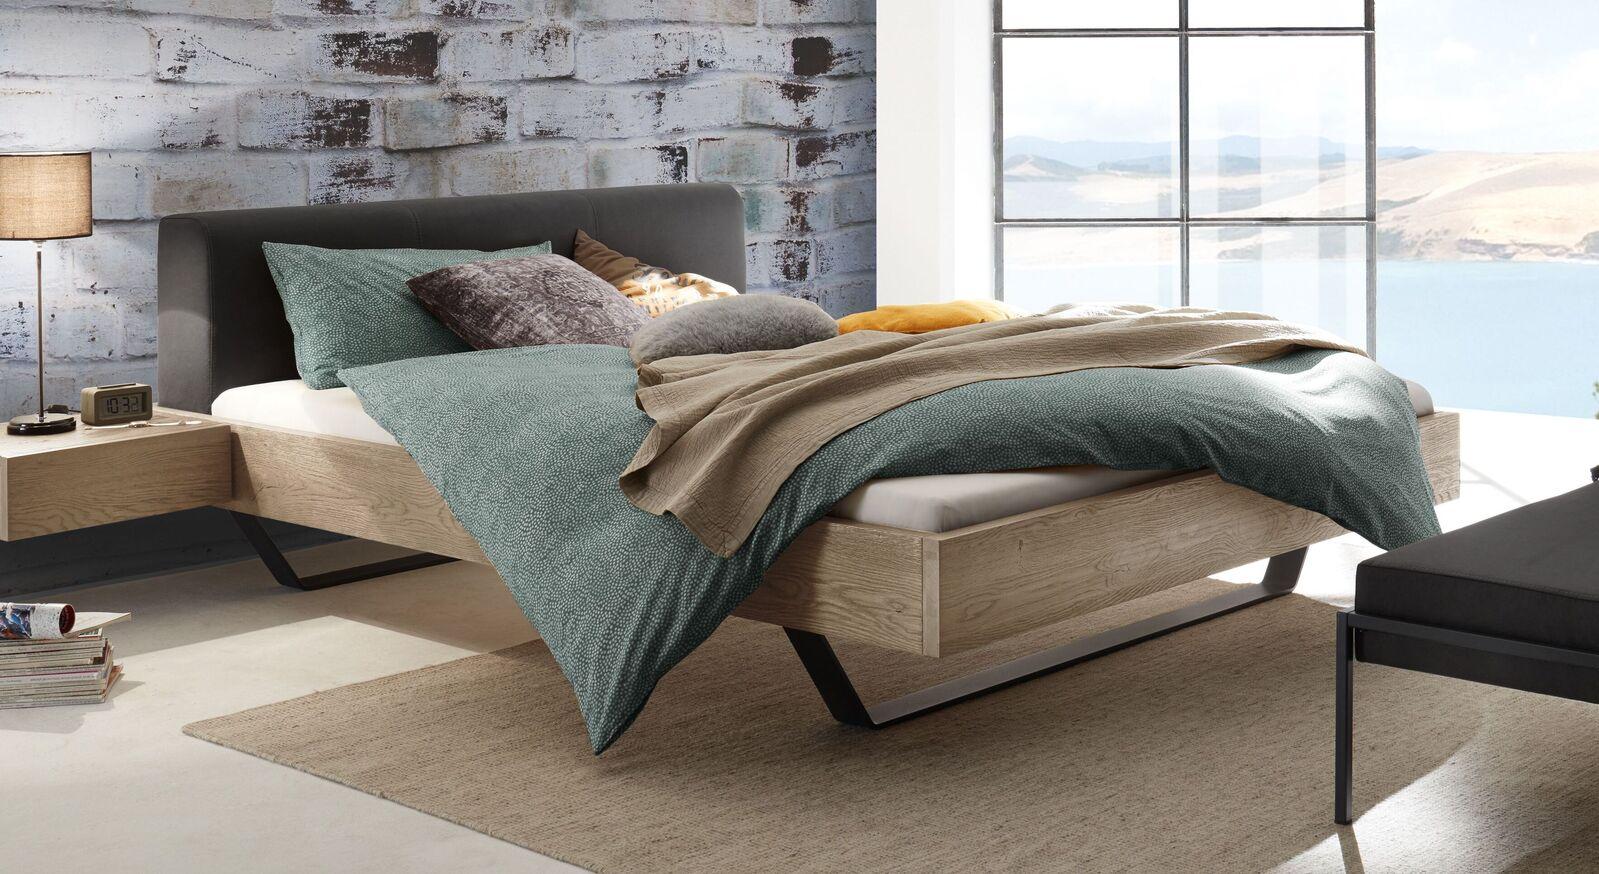 Bett Cenadro mit weißem Wildeichenholz-Bettrahmen